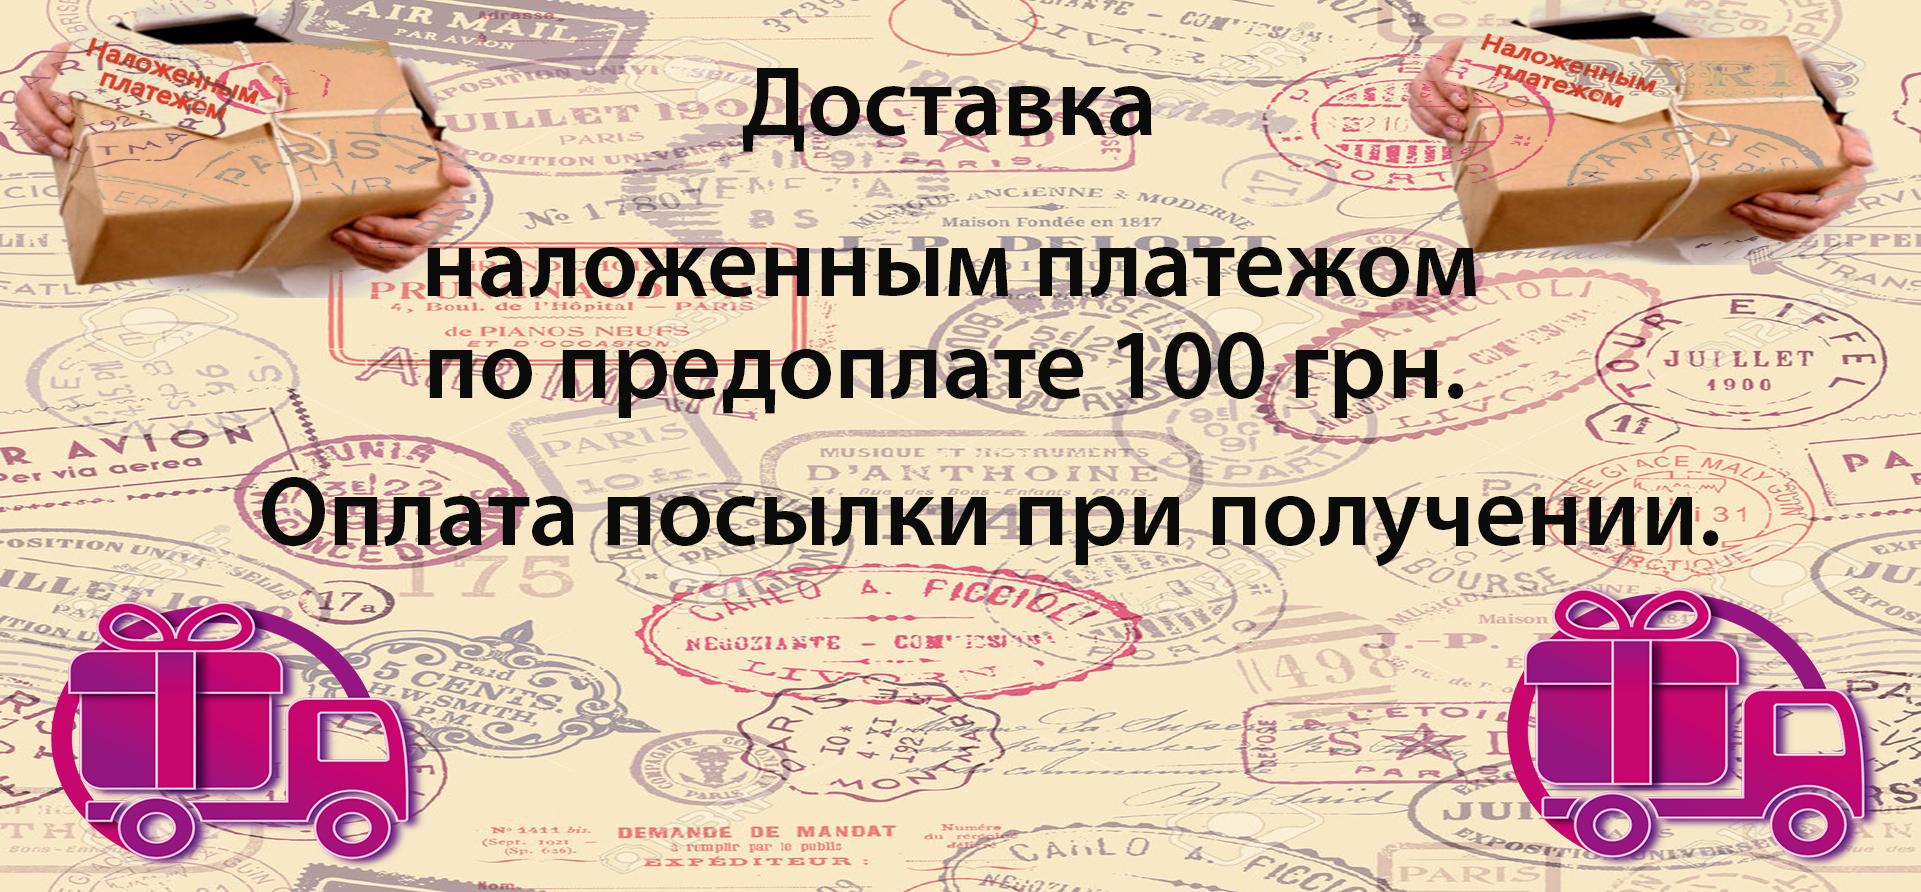 Nalozhka